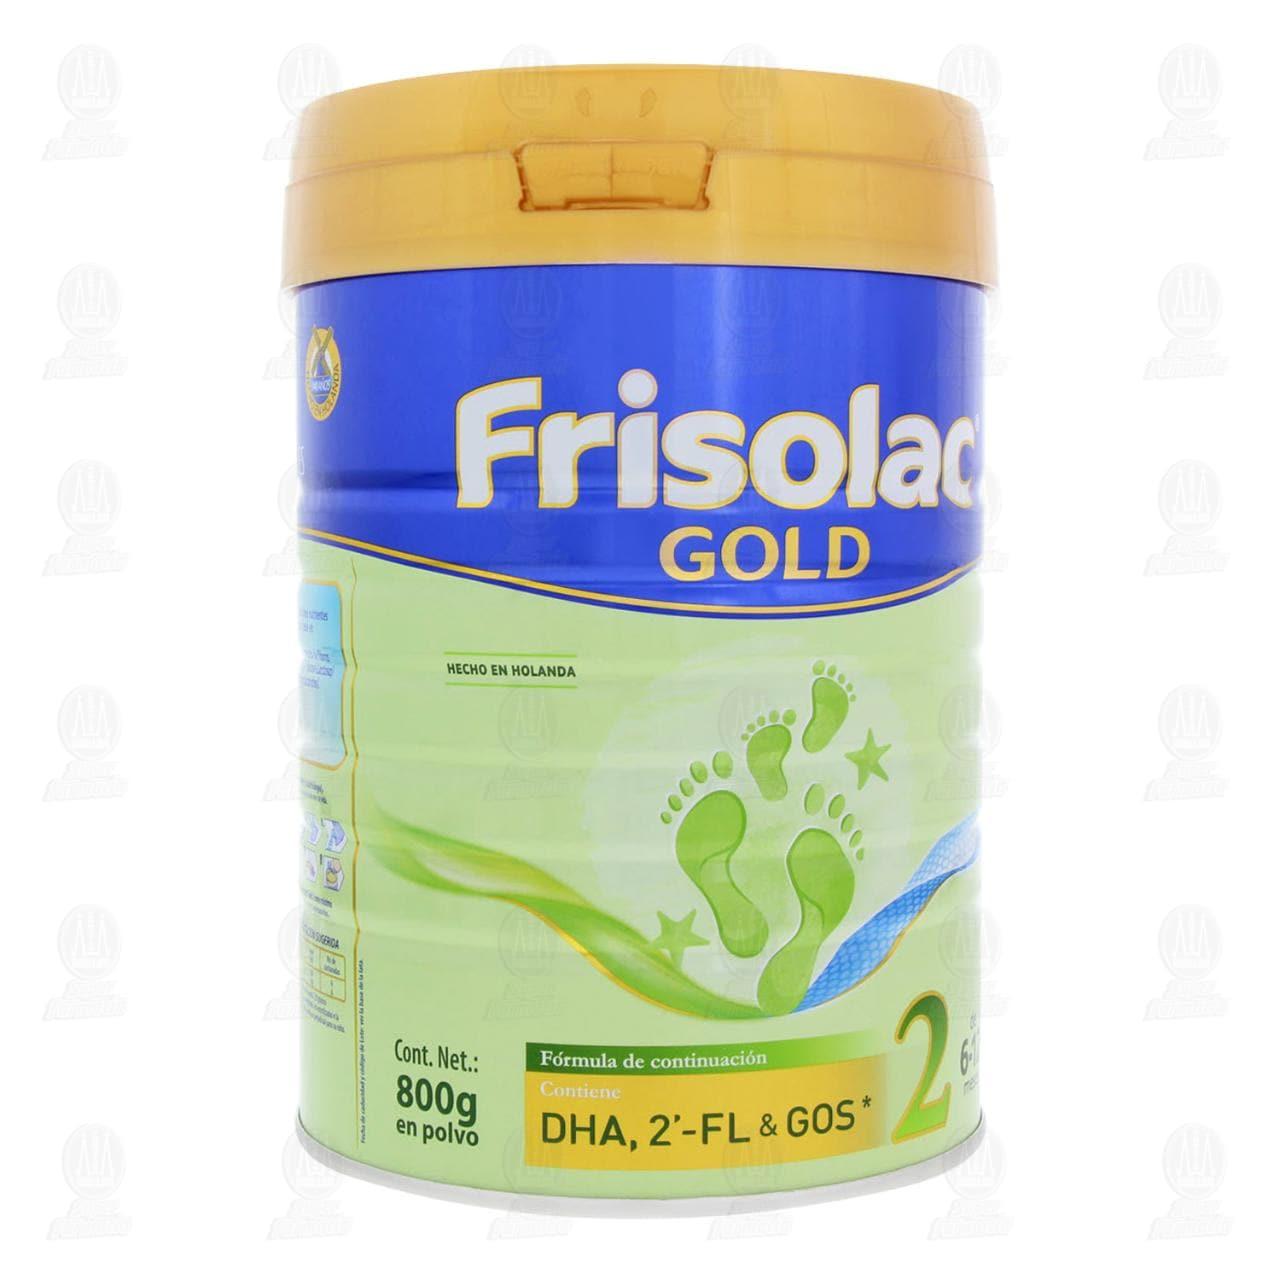 comprar https://www.movil.farmaciasguadalajara.com/wcsstore/FGCAS/wcs/products/1349813_A_1280_AL.jpg en farmacias guadalajara